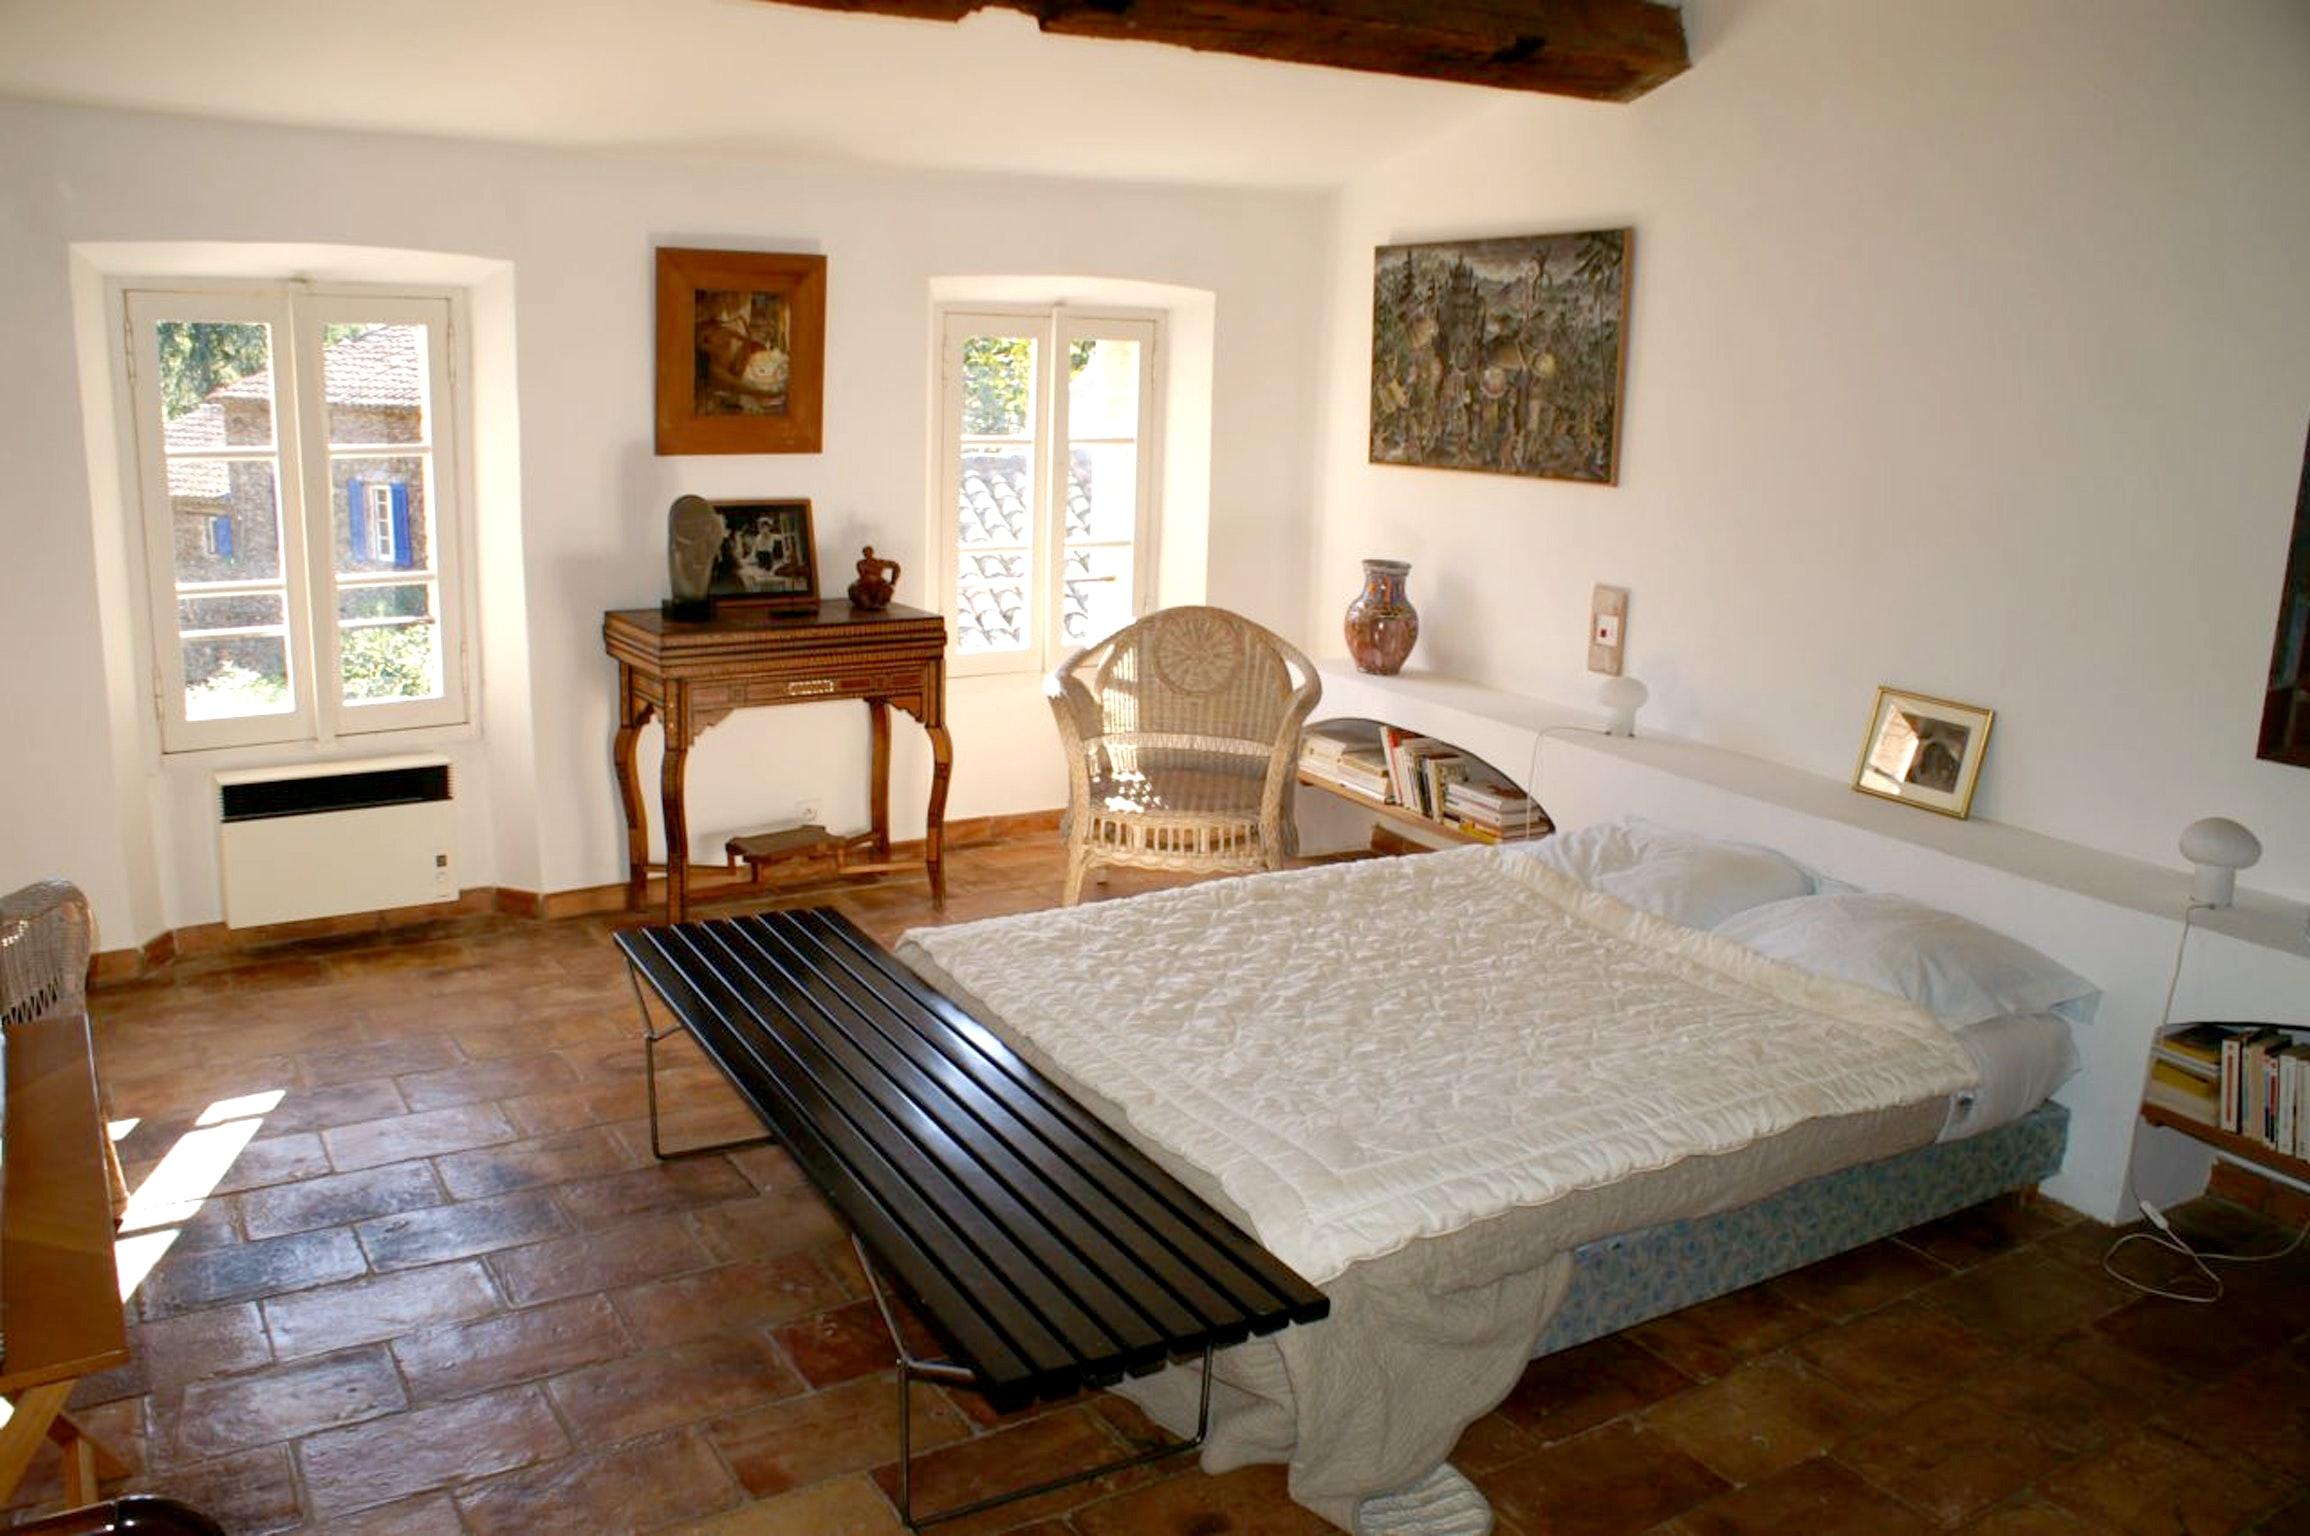 Maison de vacances Villa mit 5 Zimmern in La Garde-Freinet mit privatem Pool, Garten und W-LAN - 20 km vom St (2339879), La Garde Freinet, Côte d'Azur, Provence - Alpes - Côte d'Azur, France, image 22